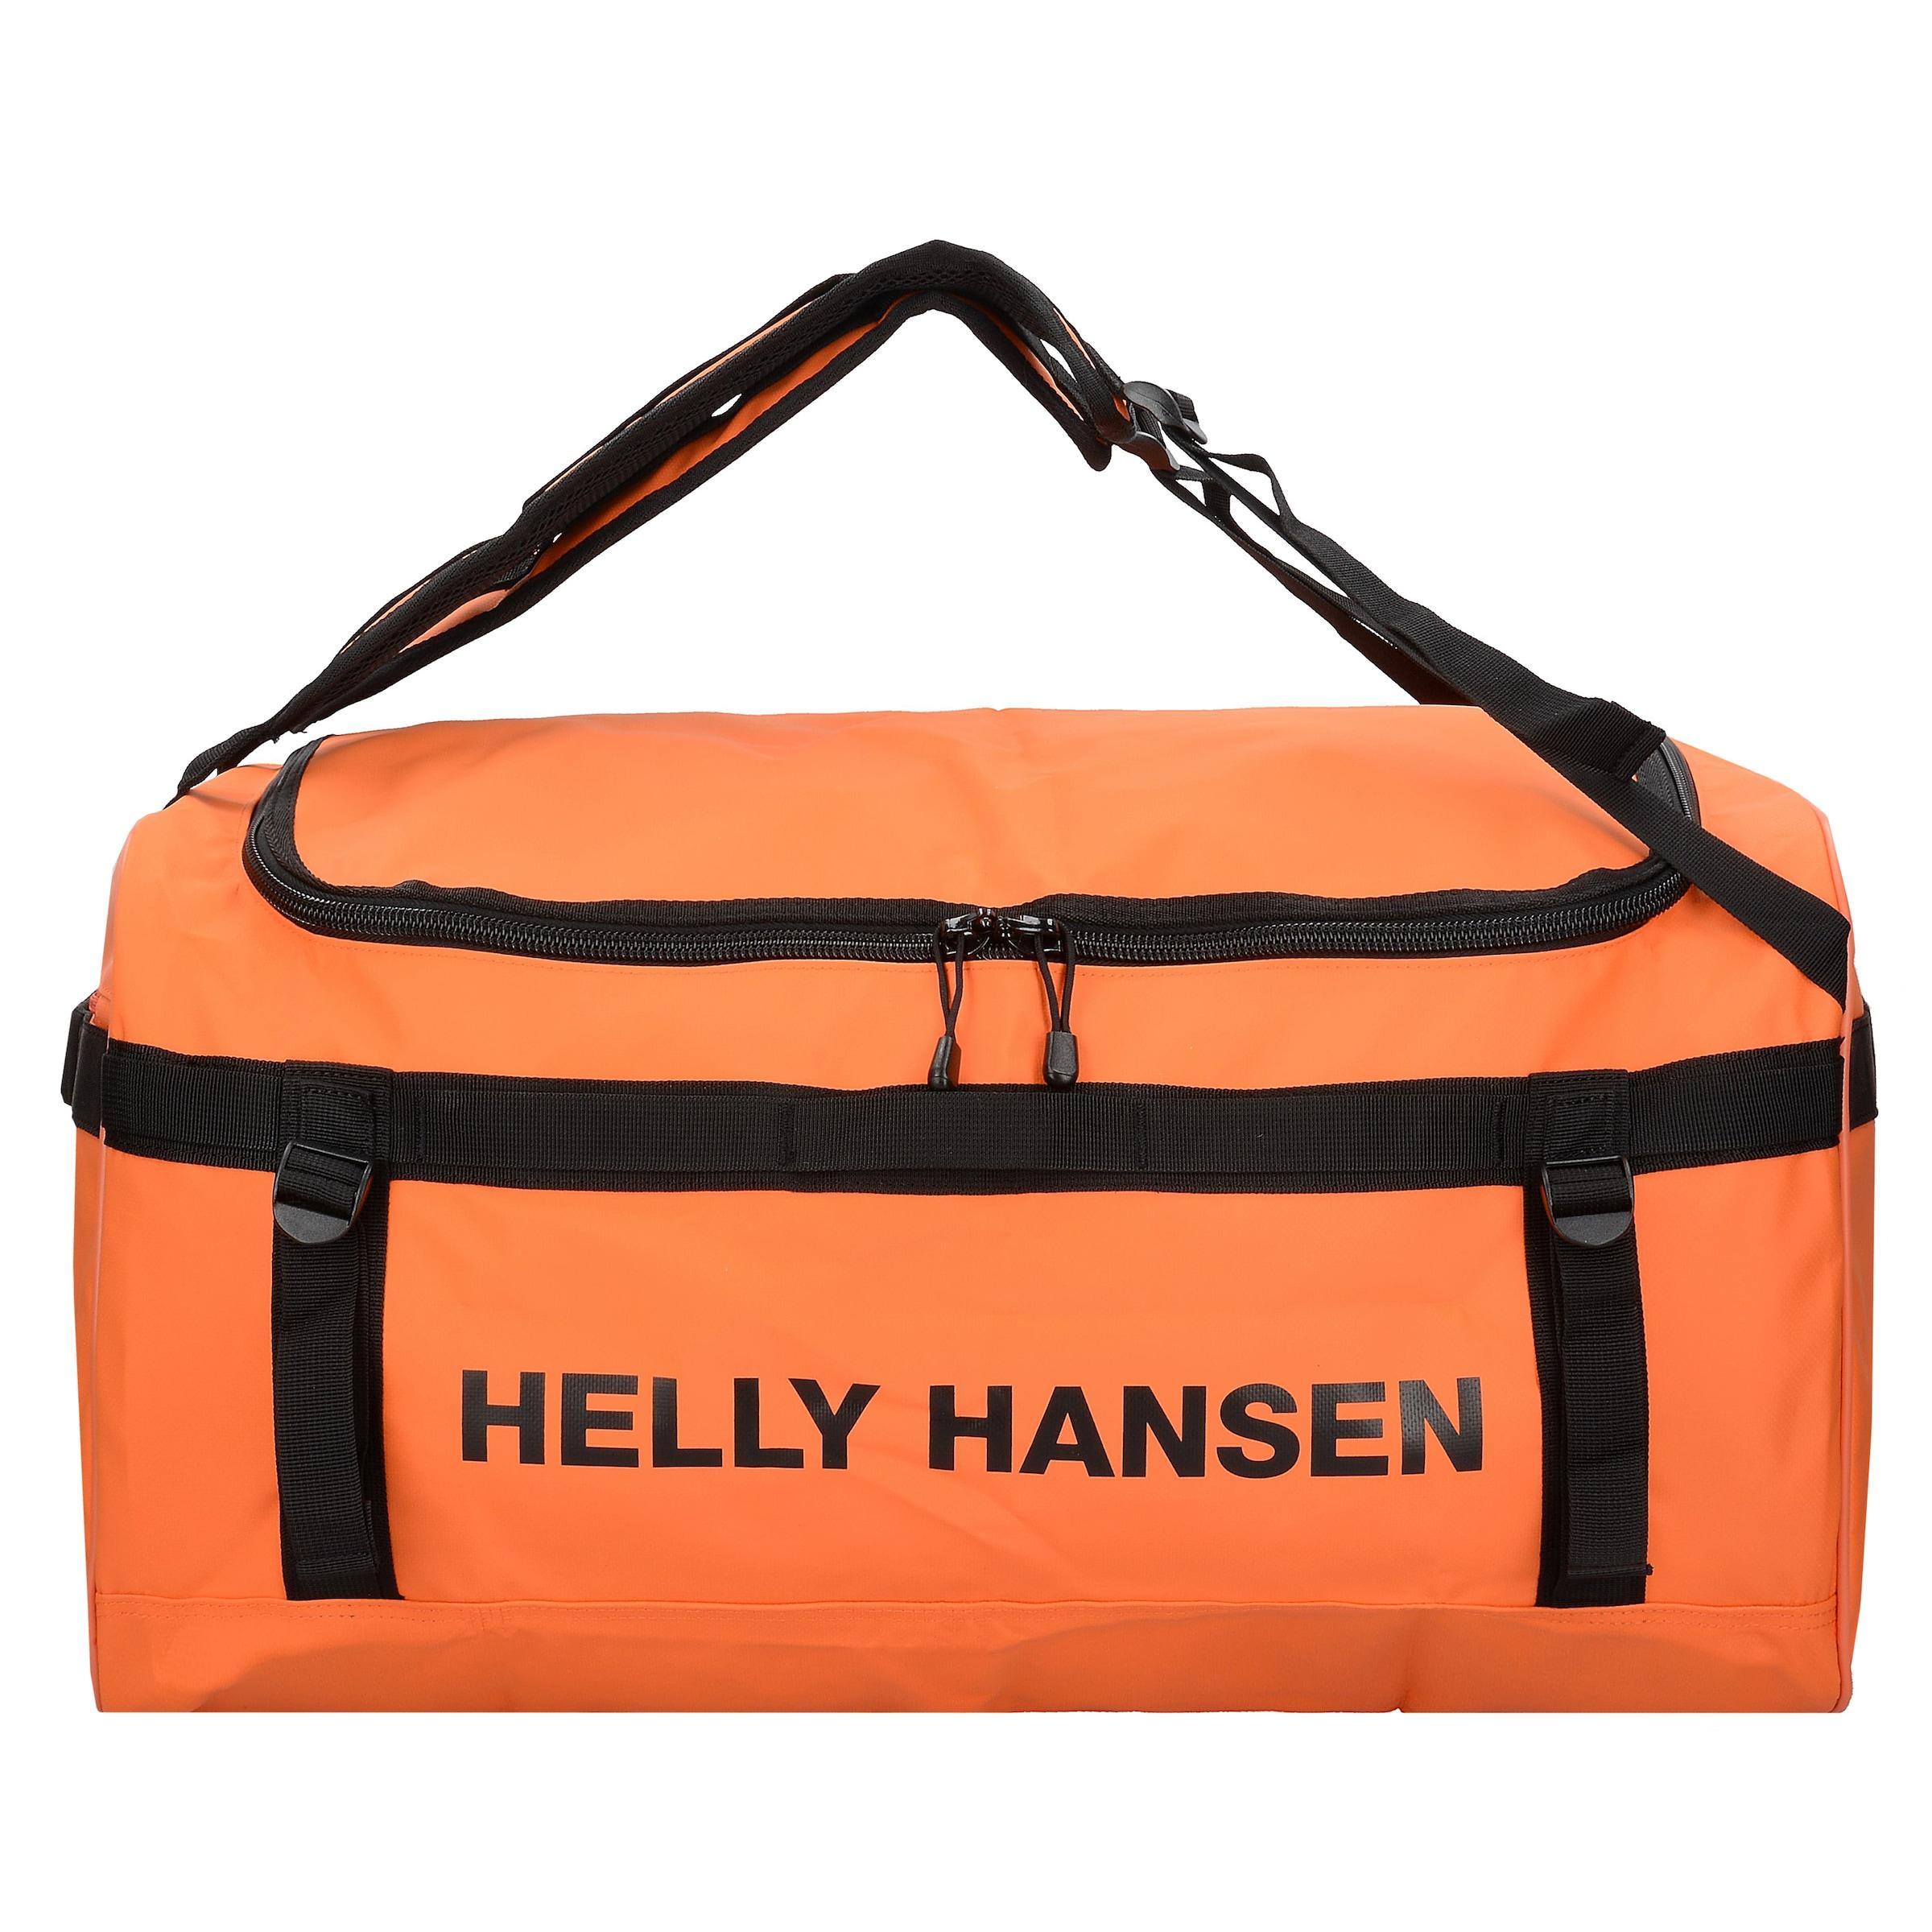 HELLY HANSEN Classic Reisetasche 61 cm Verkauf eVDcG8OXBZ